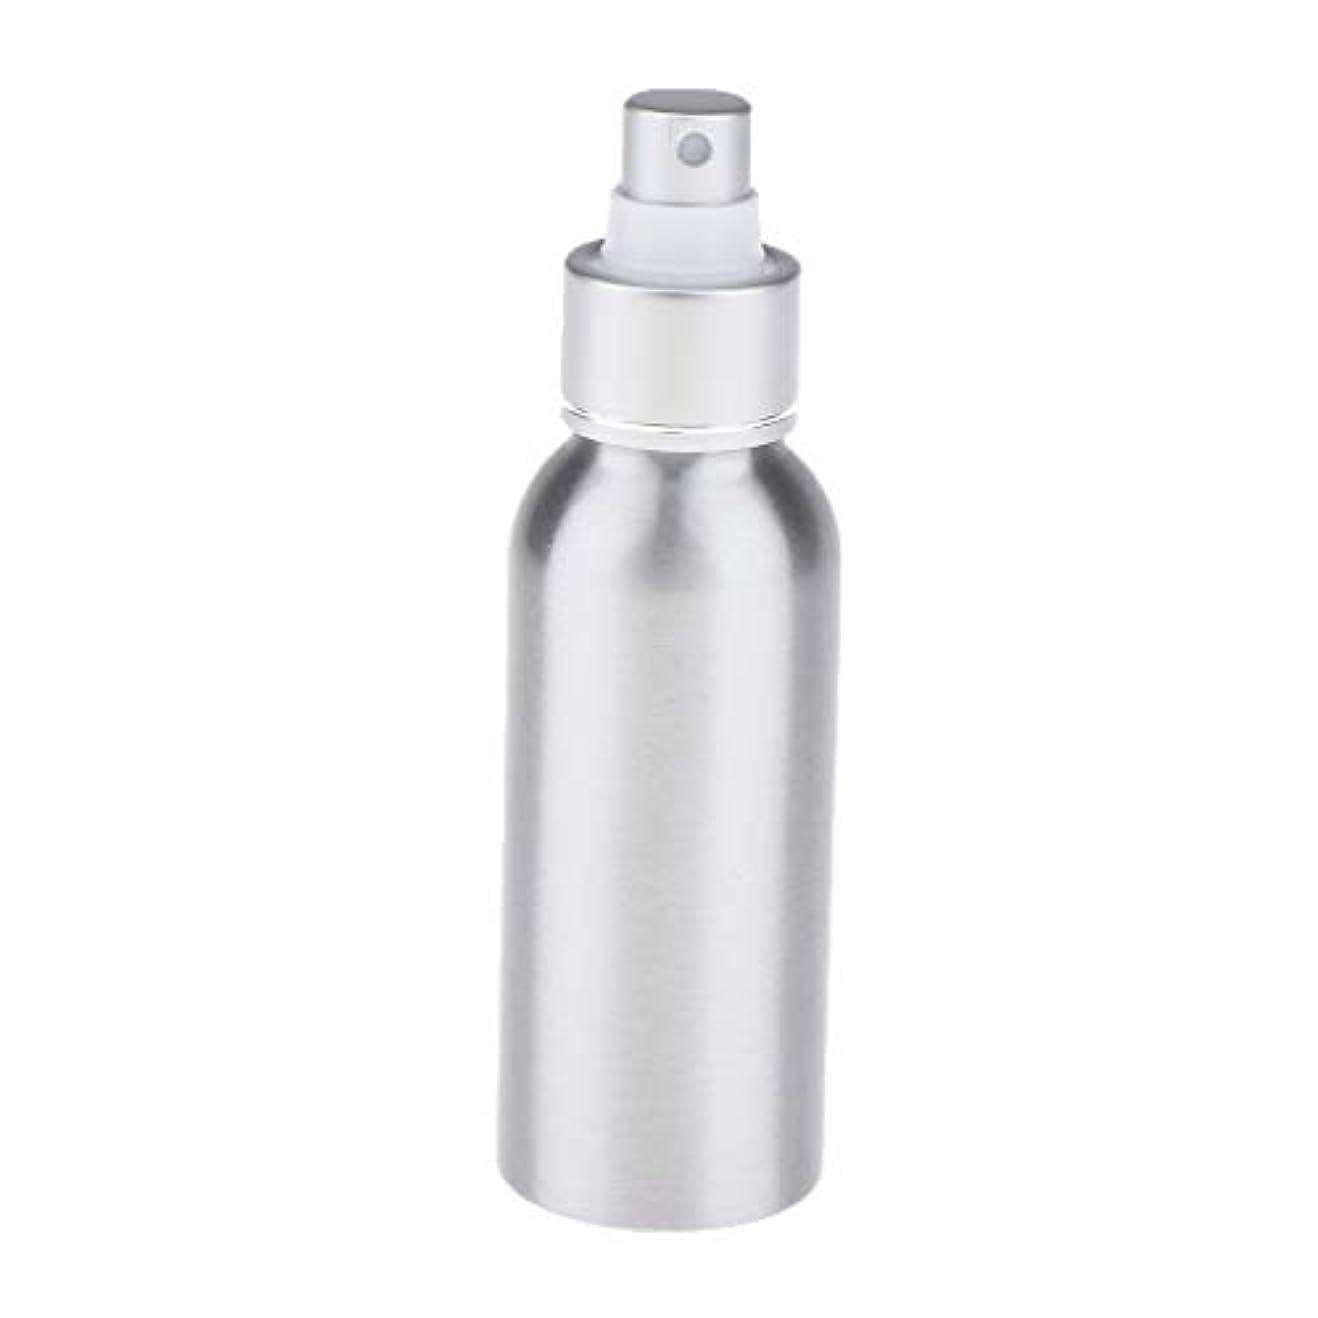 クロス直径首尾一貫したポンプボトル アトマイザー トラベルボトル スプレー 漏れ防止 遮光 霧吹き 旅行用 5サイズ選べ - 100ミリリットル